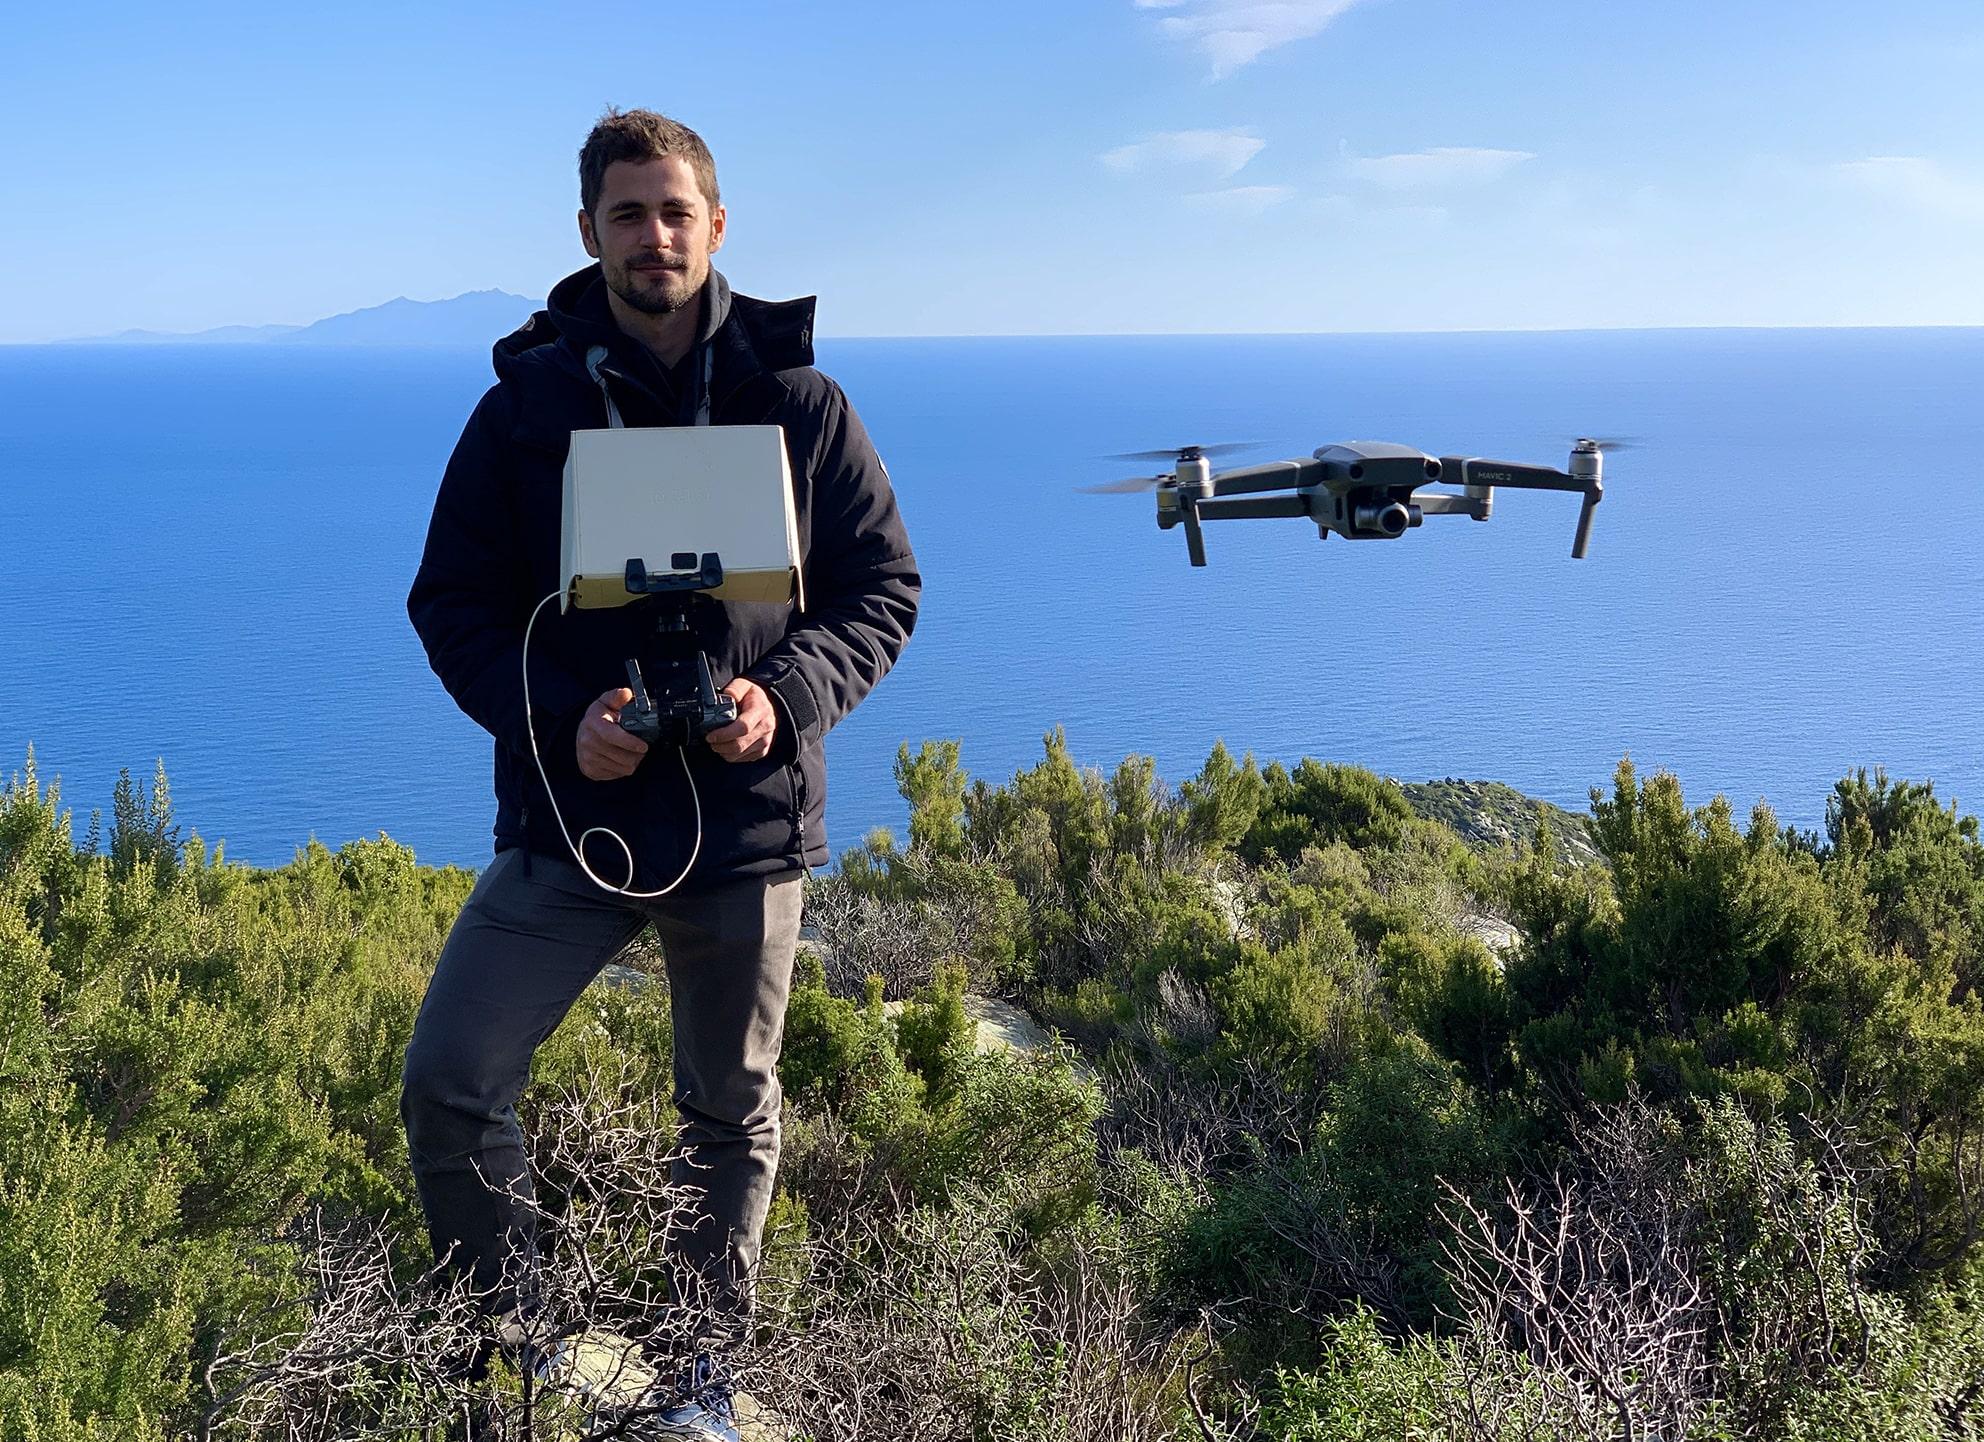 Formation-Drone-cadre-magnifique-min